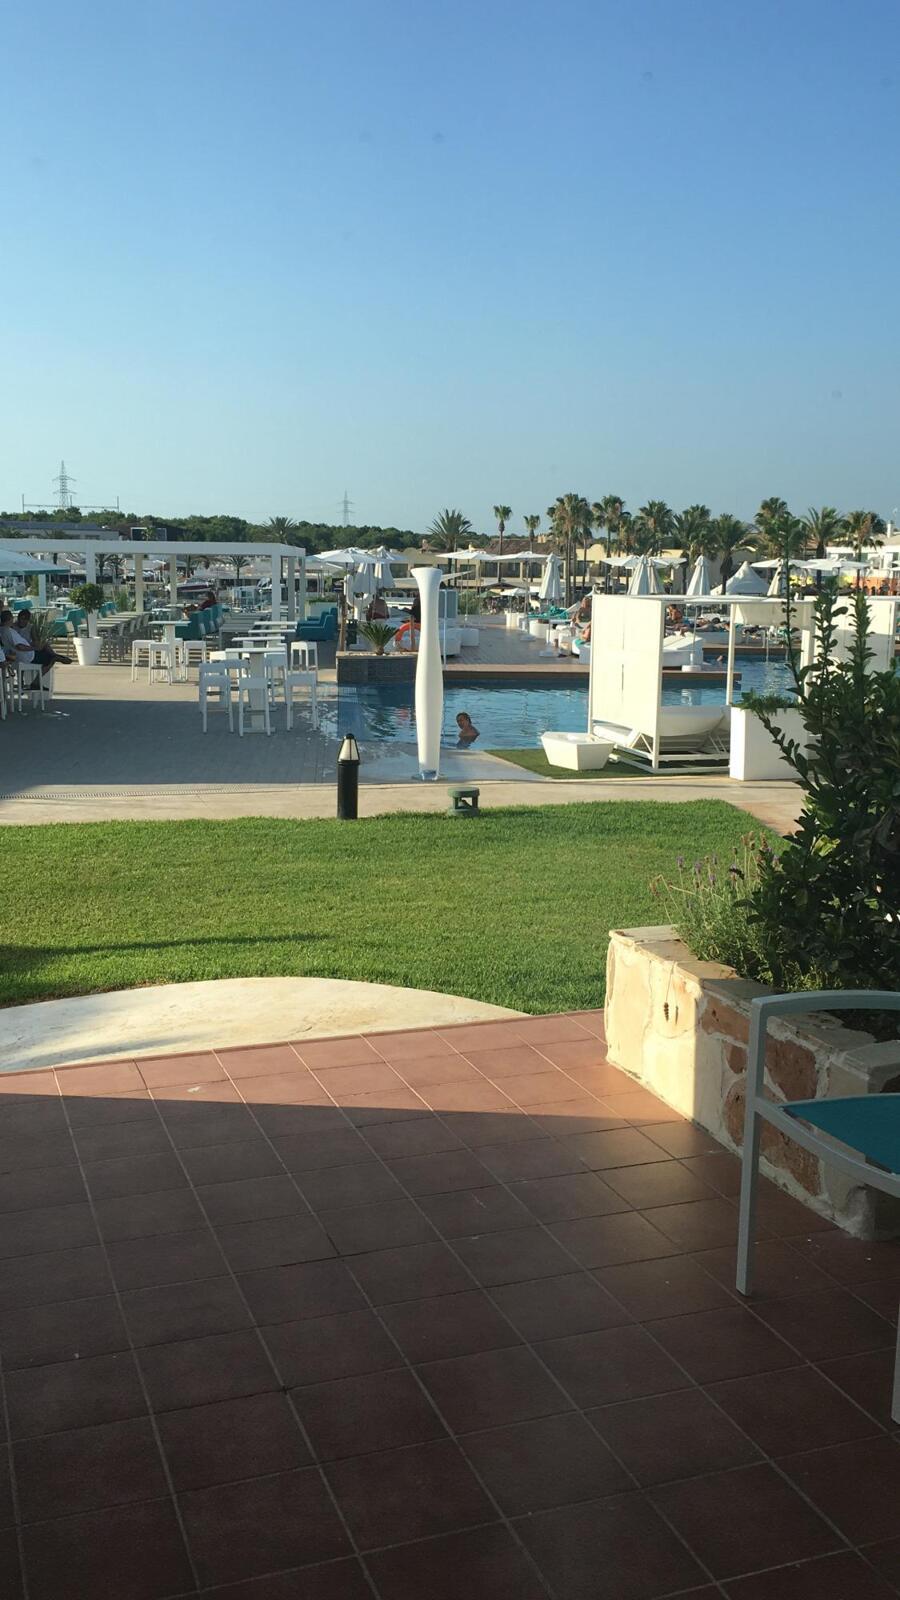 Comentarios casas del lago hotel spa beach club adults only cala en bosch - Hotel casas del lago menorca ...